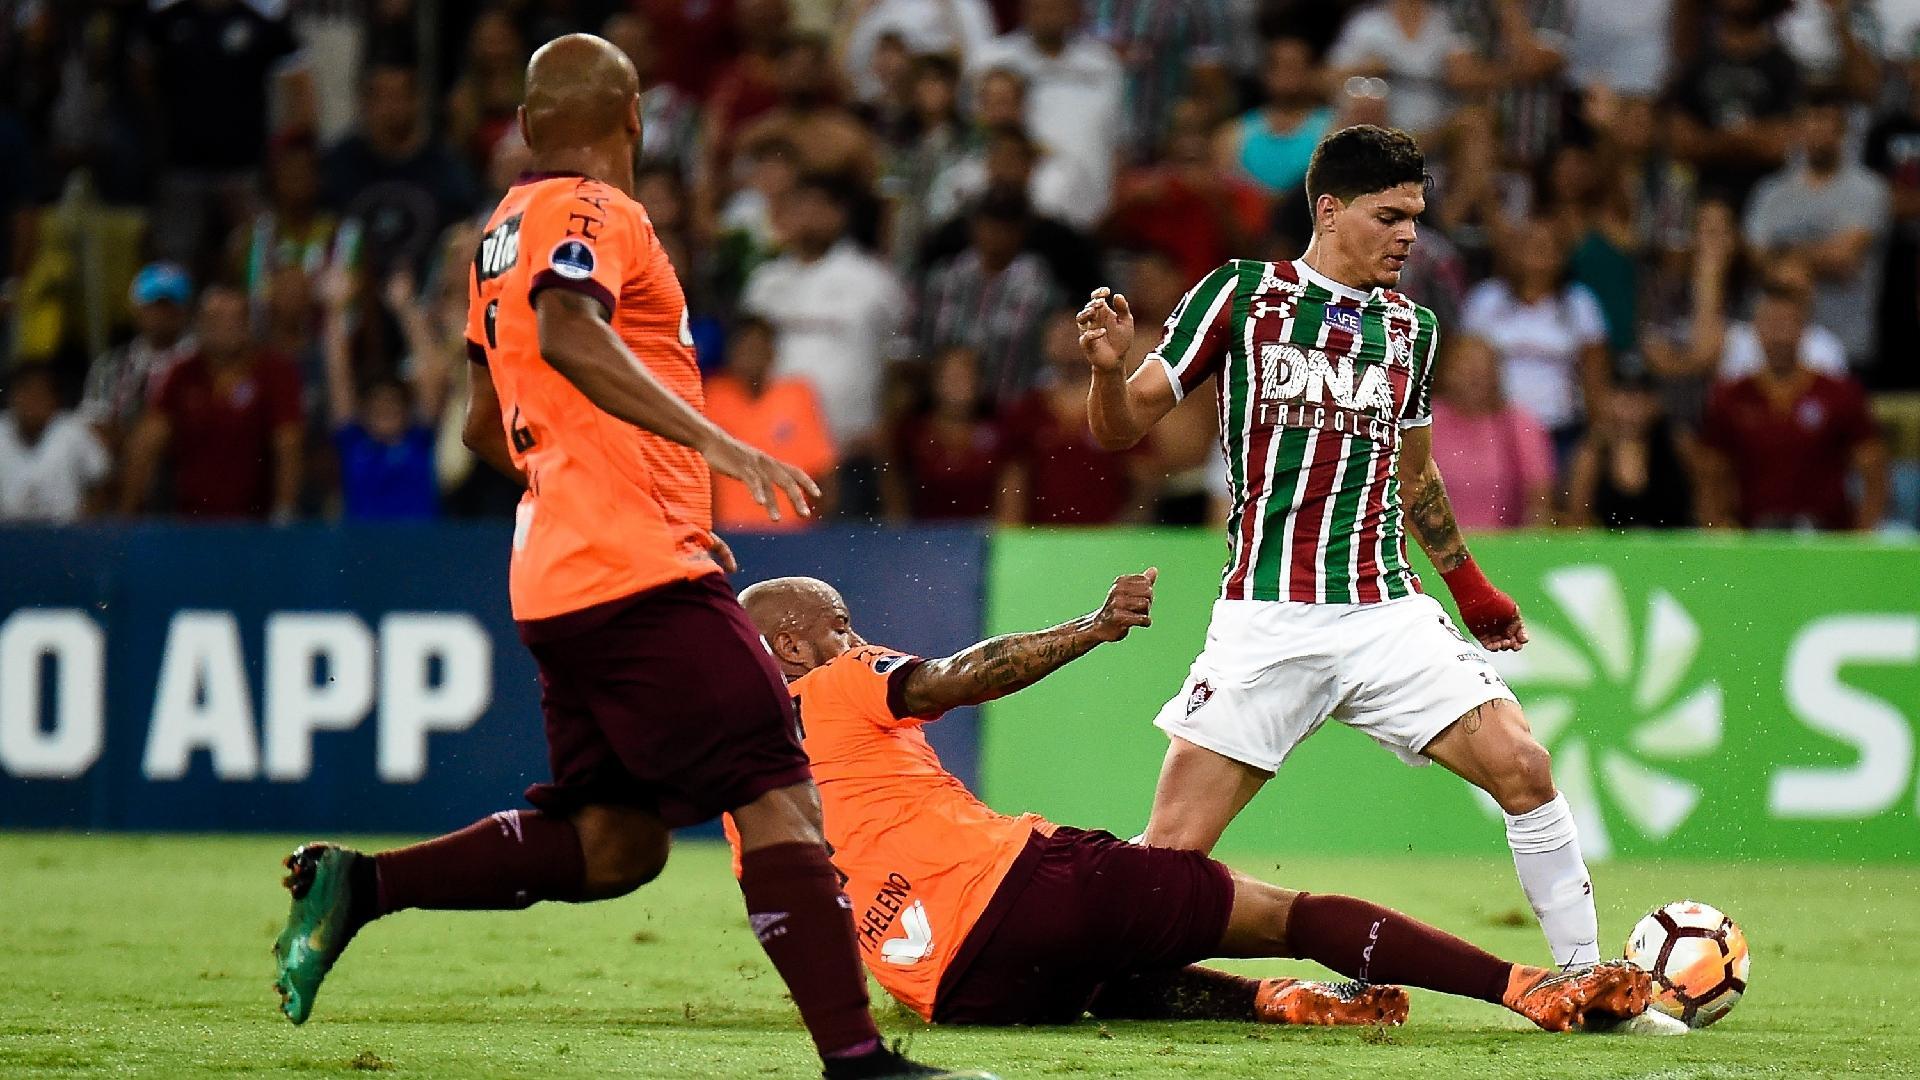 Ayrton Lucas carrega bola durante partida entre Fluminense e Atlético-PR